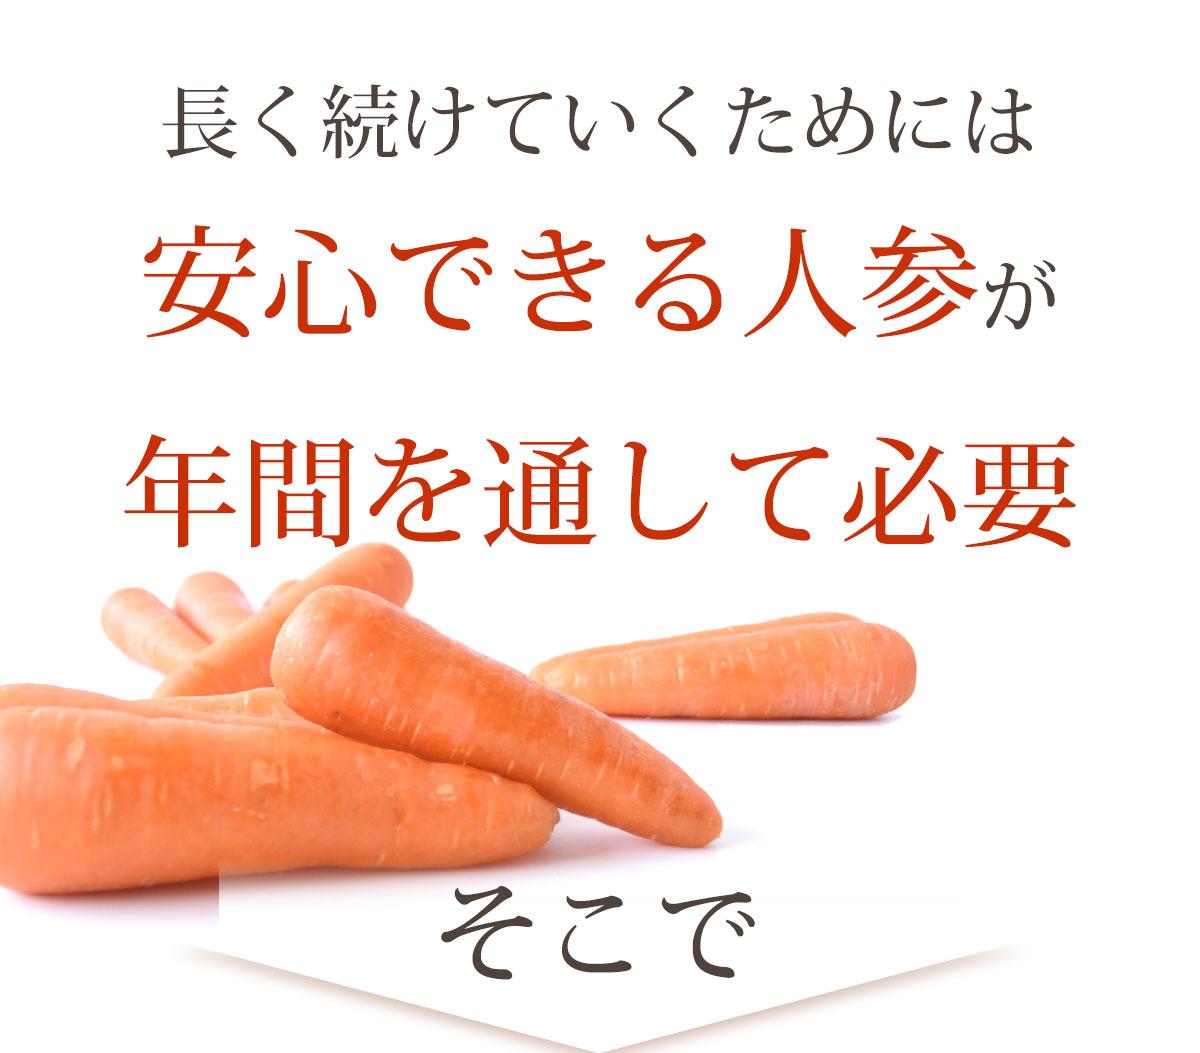 無農薬にんじん 10kg 【訳あり】【無農薬栽培】【にんじんジュース】【送料無料】【人参】